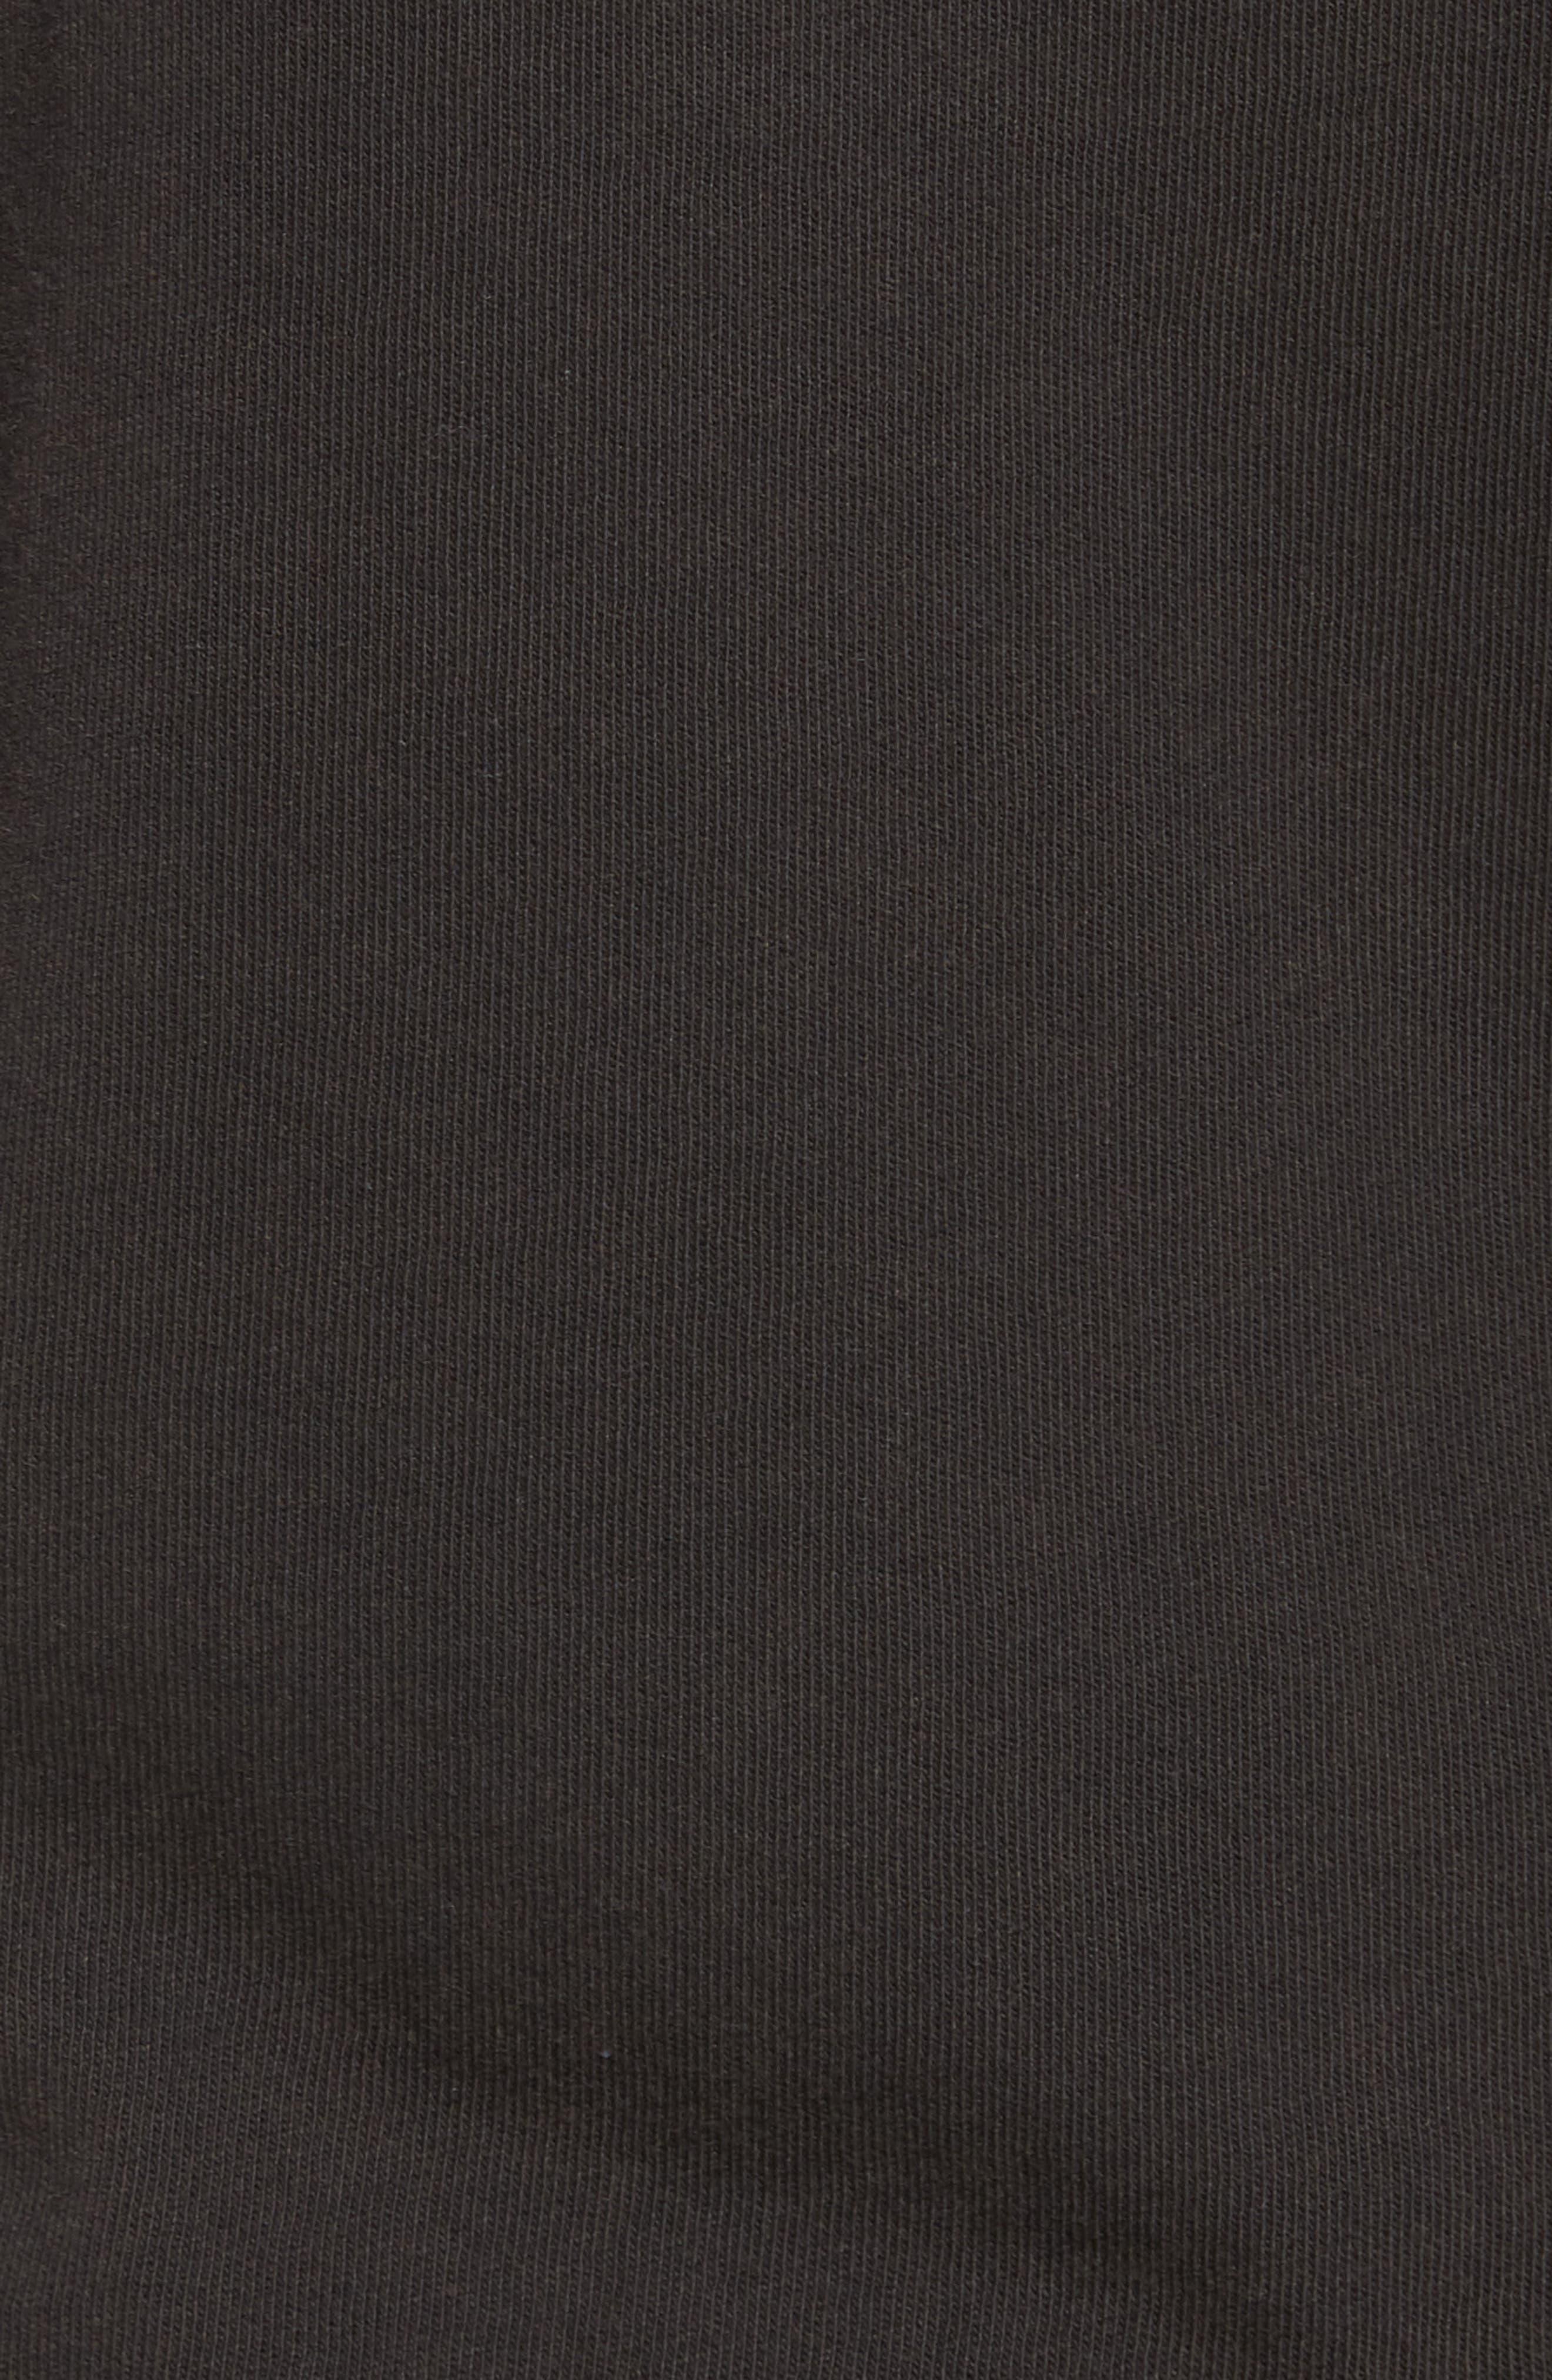 JOHN VARVATOS STAR USA,                             John Varvatos x Nick Jonas Rock City Graphic T-Shirt,                             Alternate thumbnail 5, color,                             001